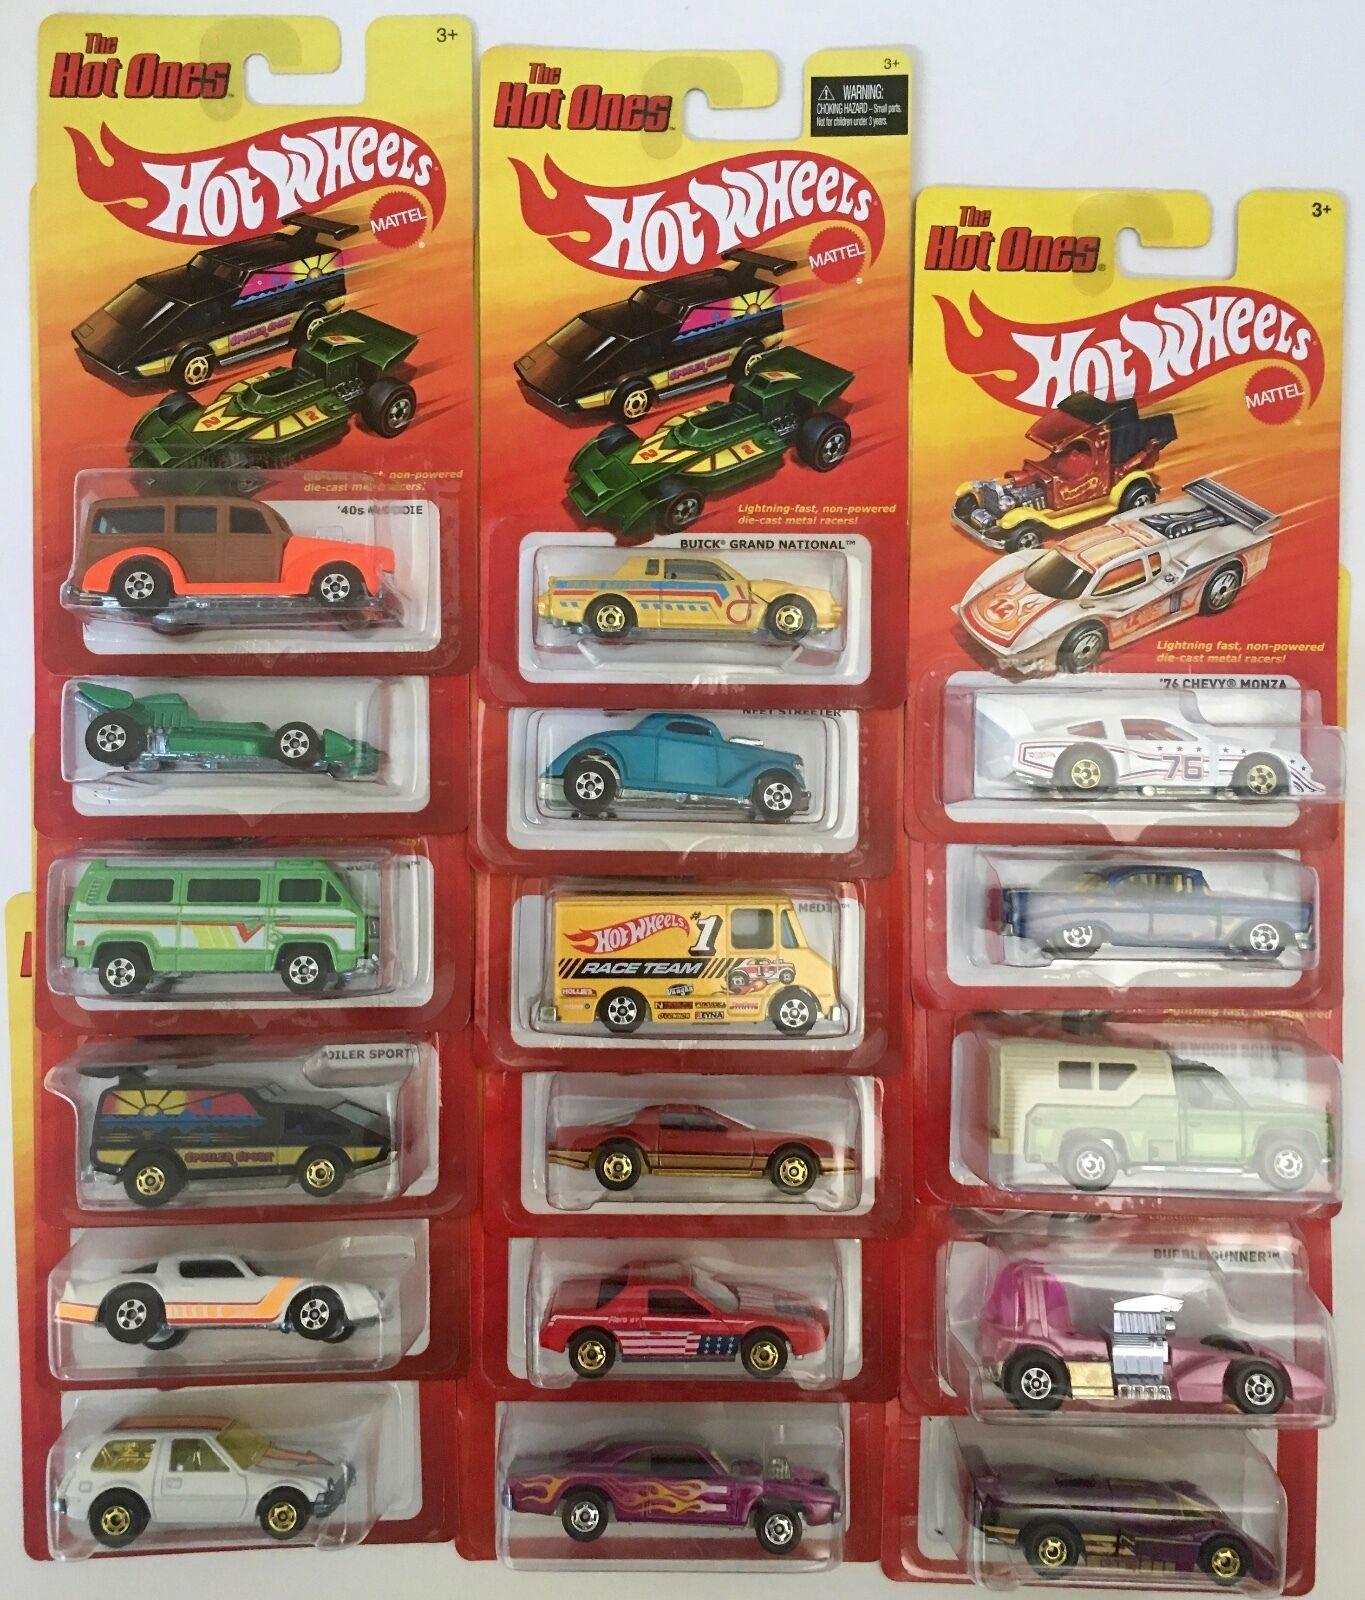 merce di alta qualità e servizio conveniente e onesto Caliente Ruedas The Caliente Ones Ones Ones Collection 17 autos   liquidazione fino al 70%